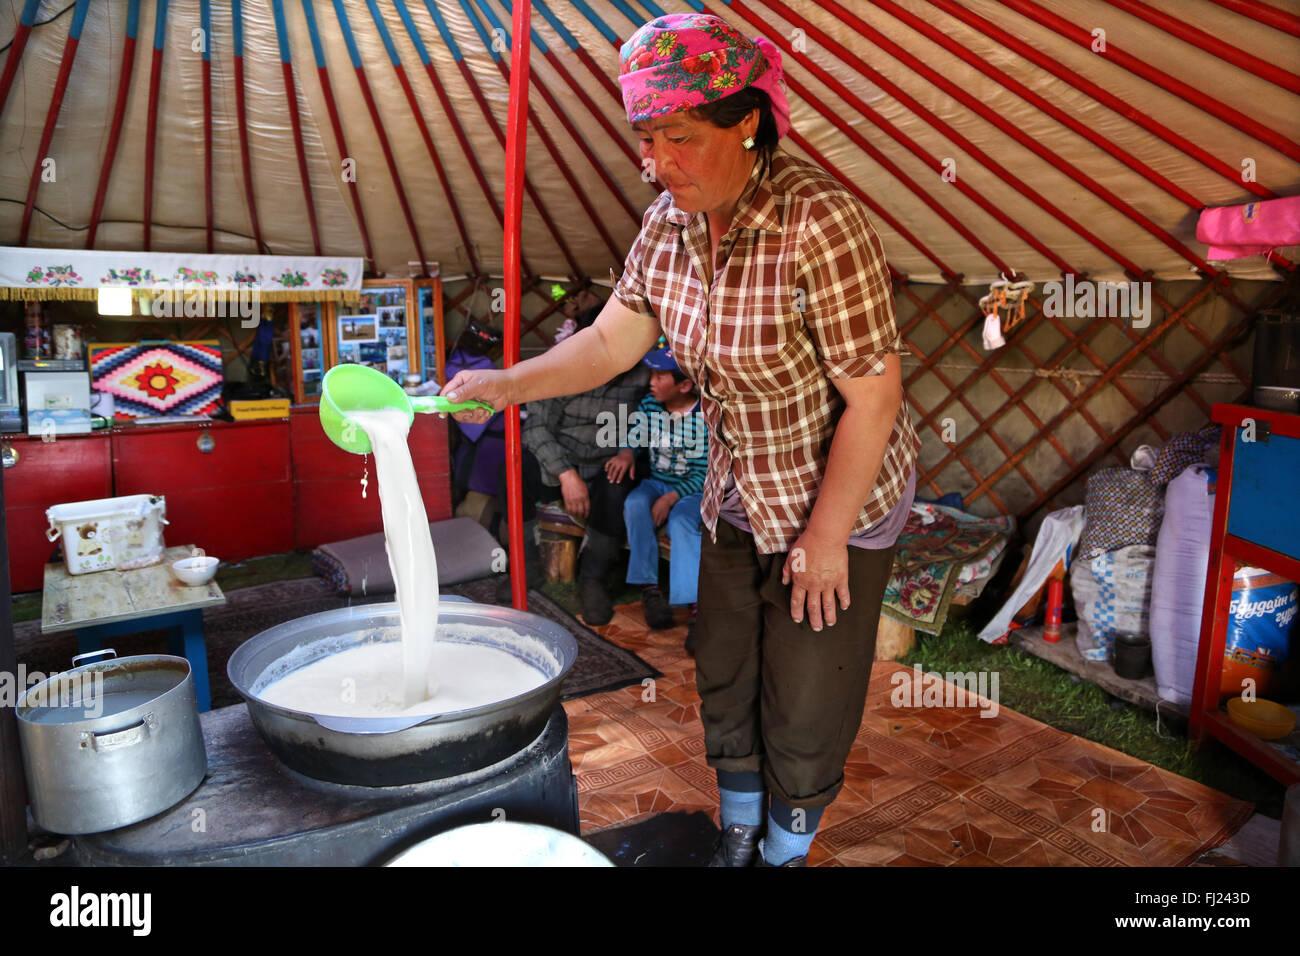 Une femme nomade est bouillante et la préparation traditionnelle kumis l de lait dans une yourte traditionnelle Banque D'Images